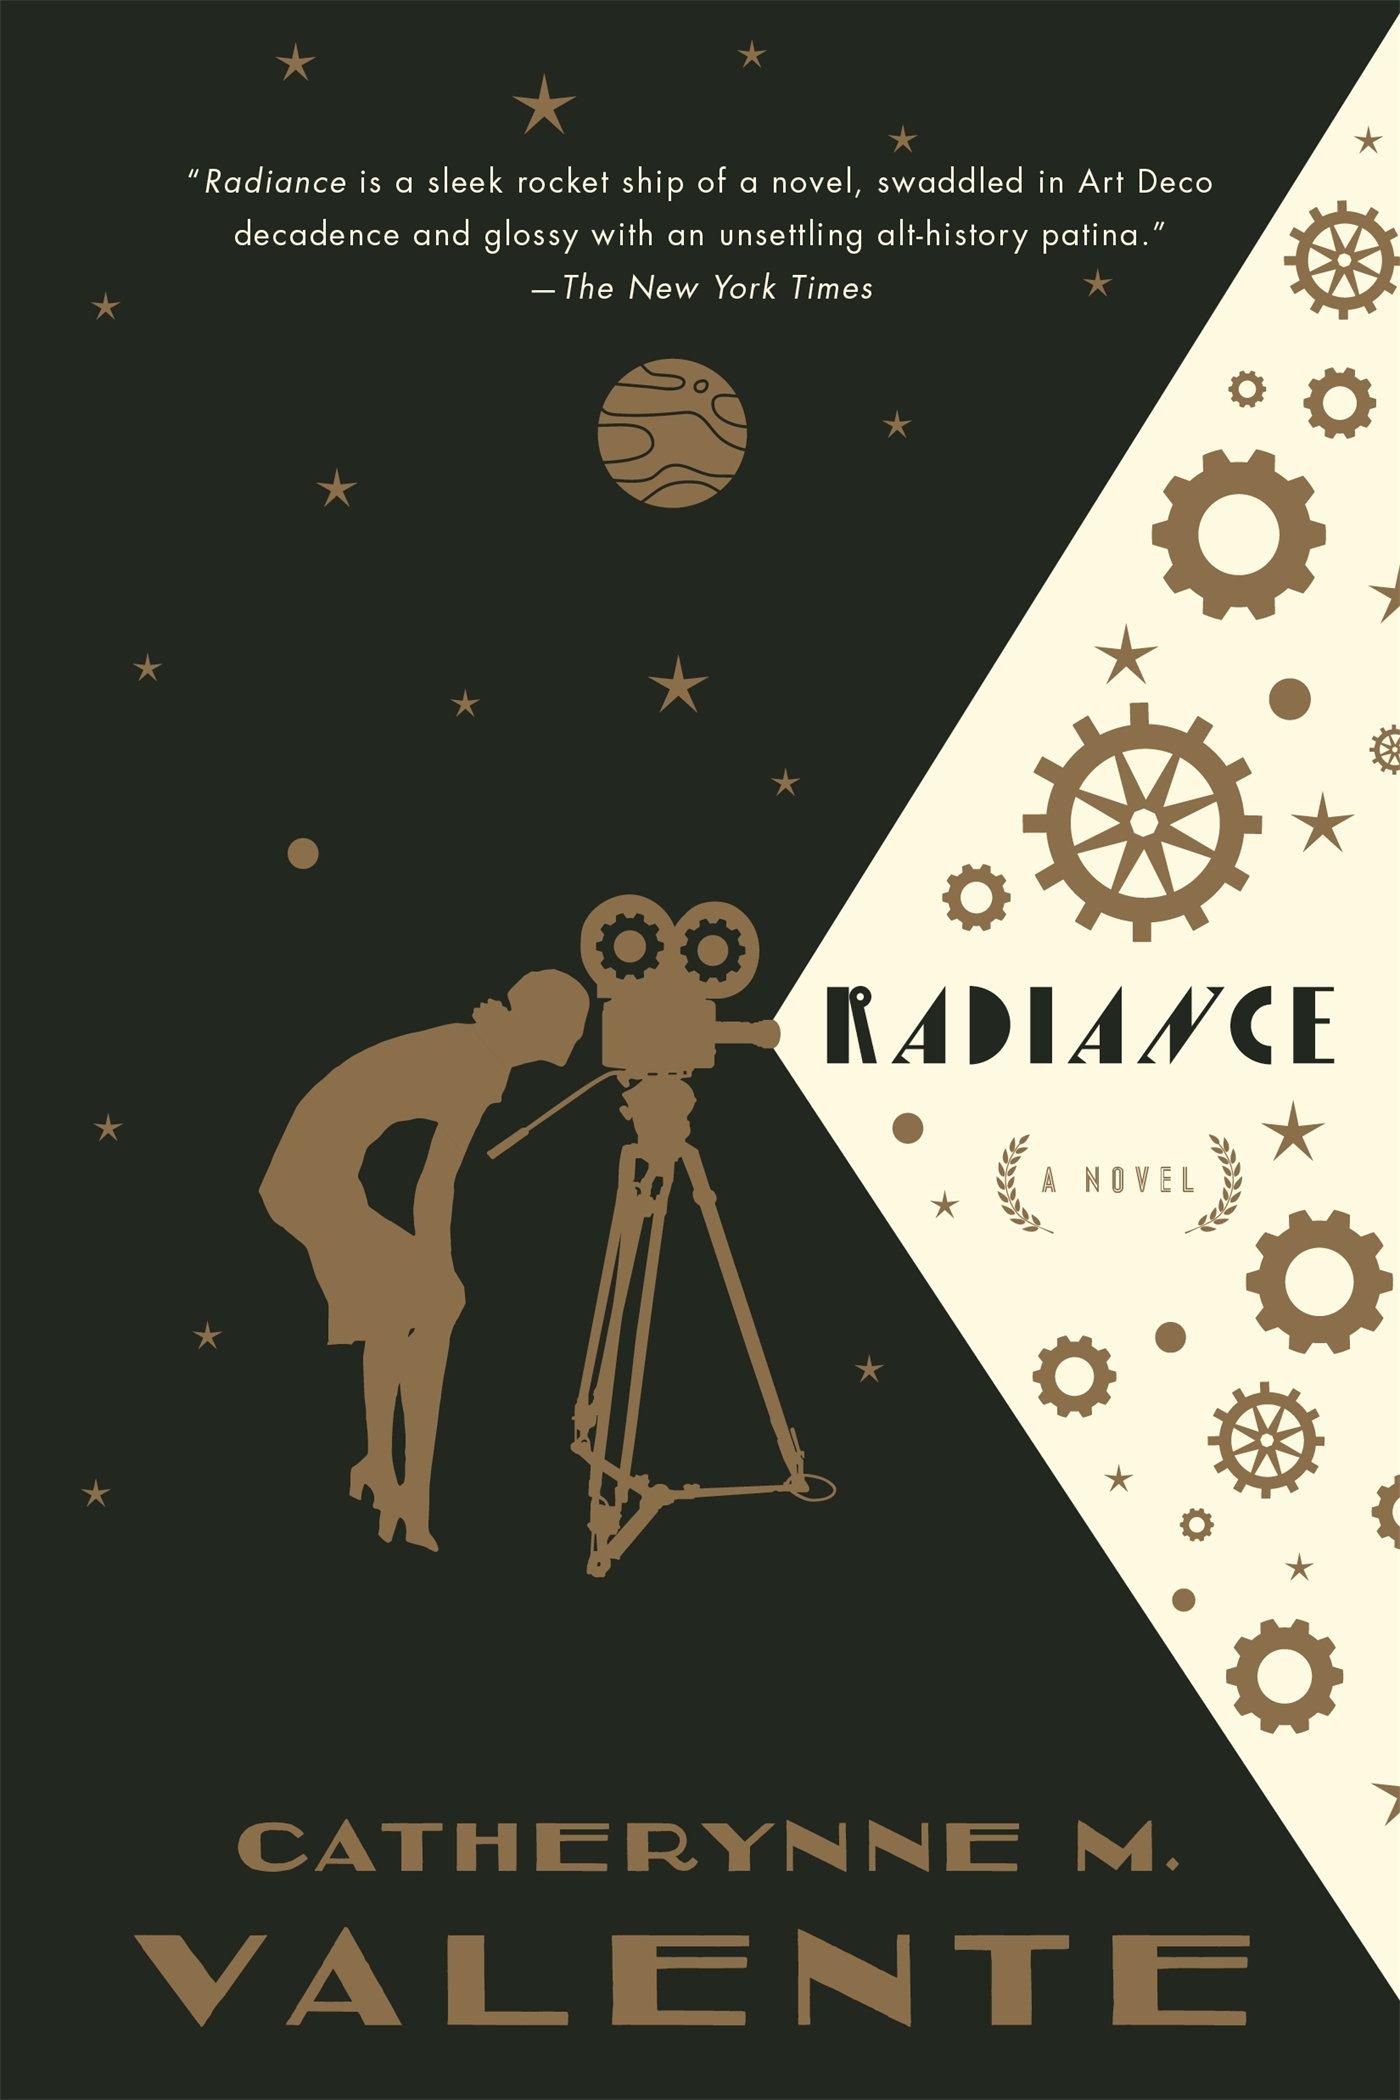 Radiance Novel Catherynne M Valente product image